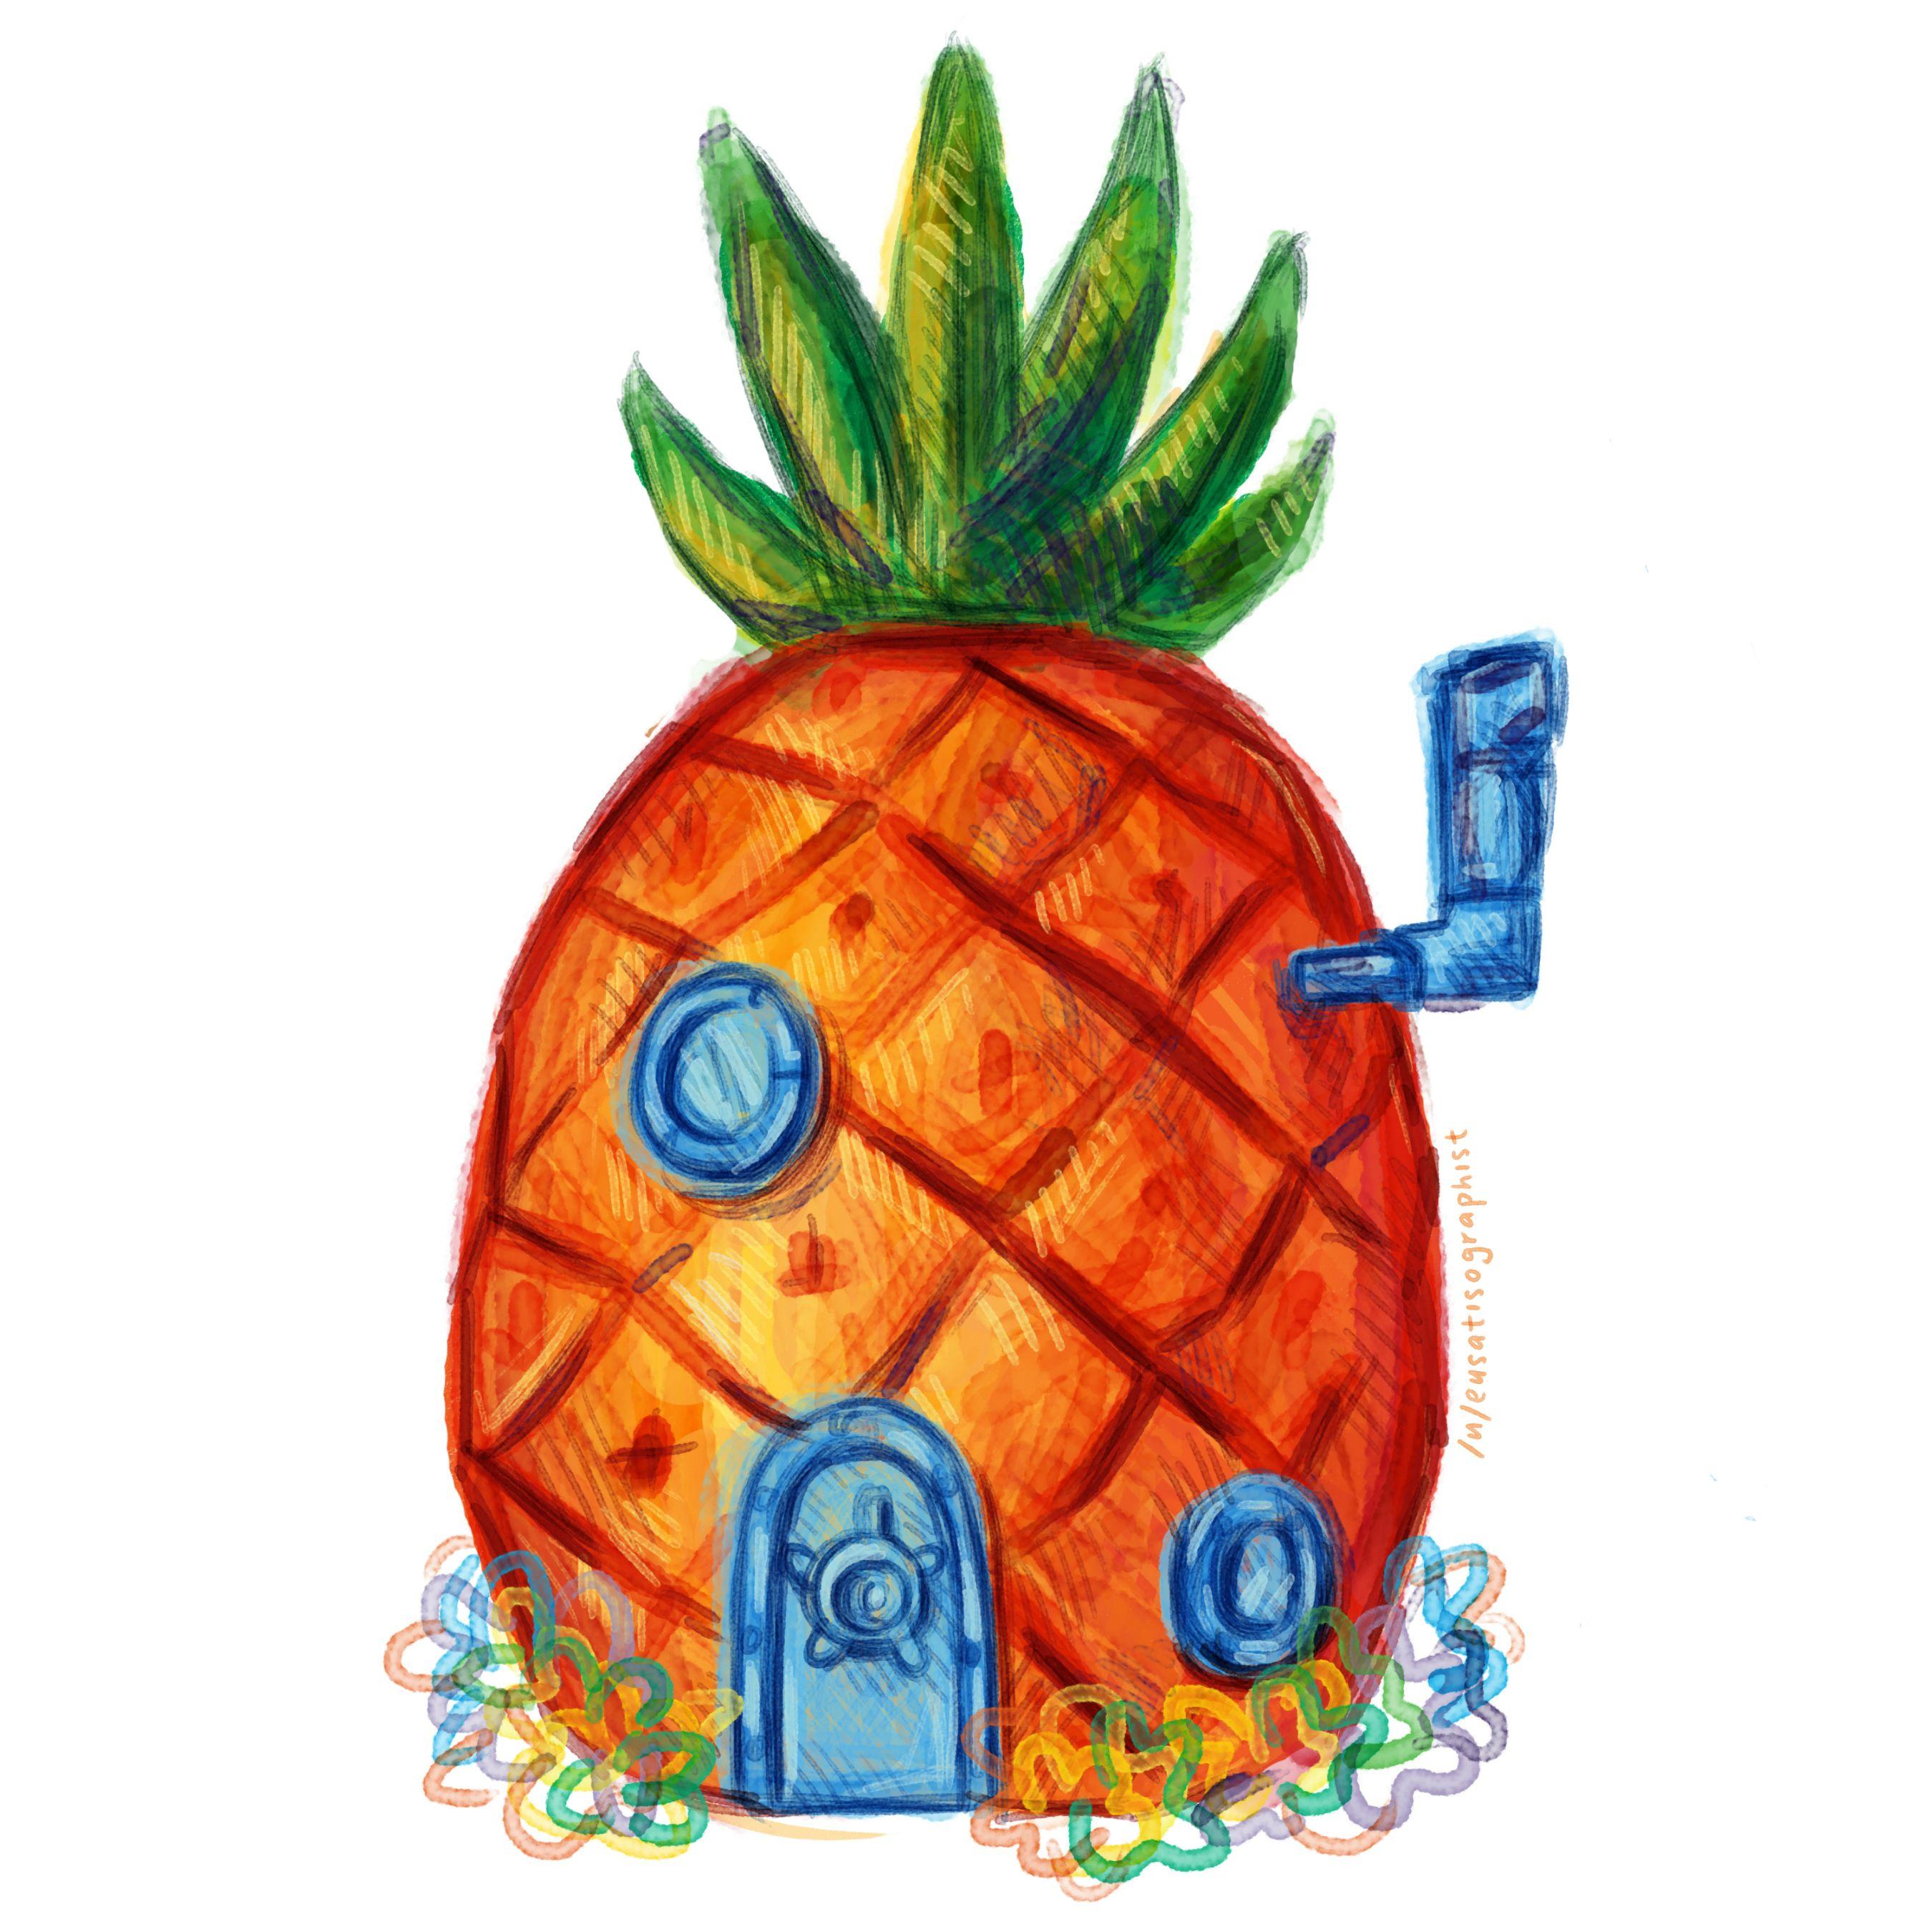 Pineapple clipart spongebobs House September Community pineapple our